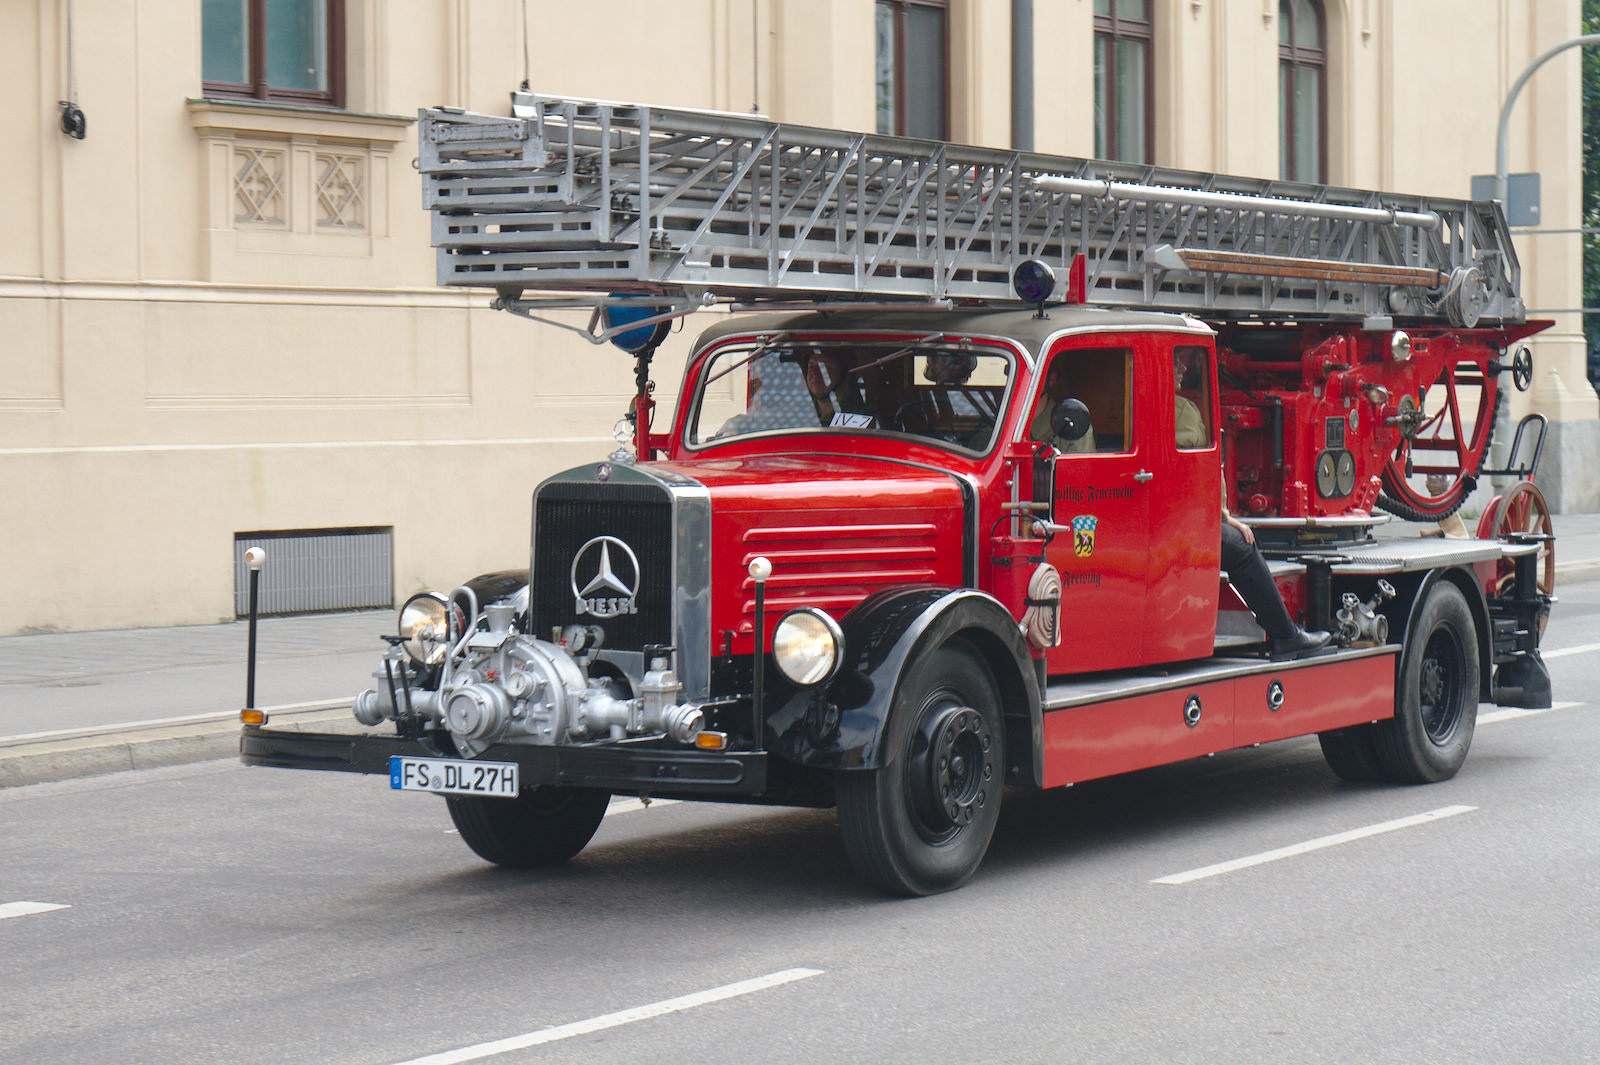 volunteer fire department4 150 Years Volunteer Fire Department in Munich